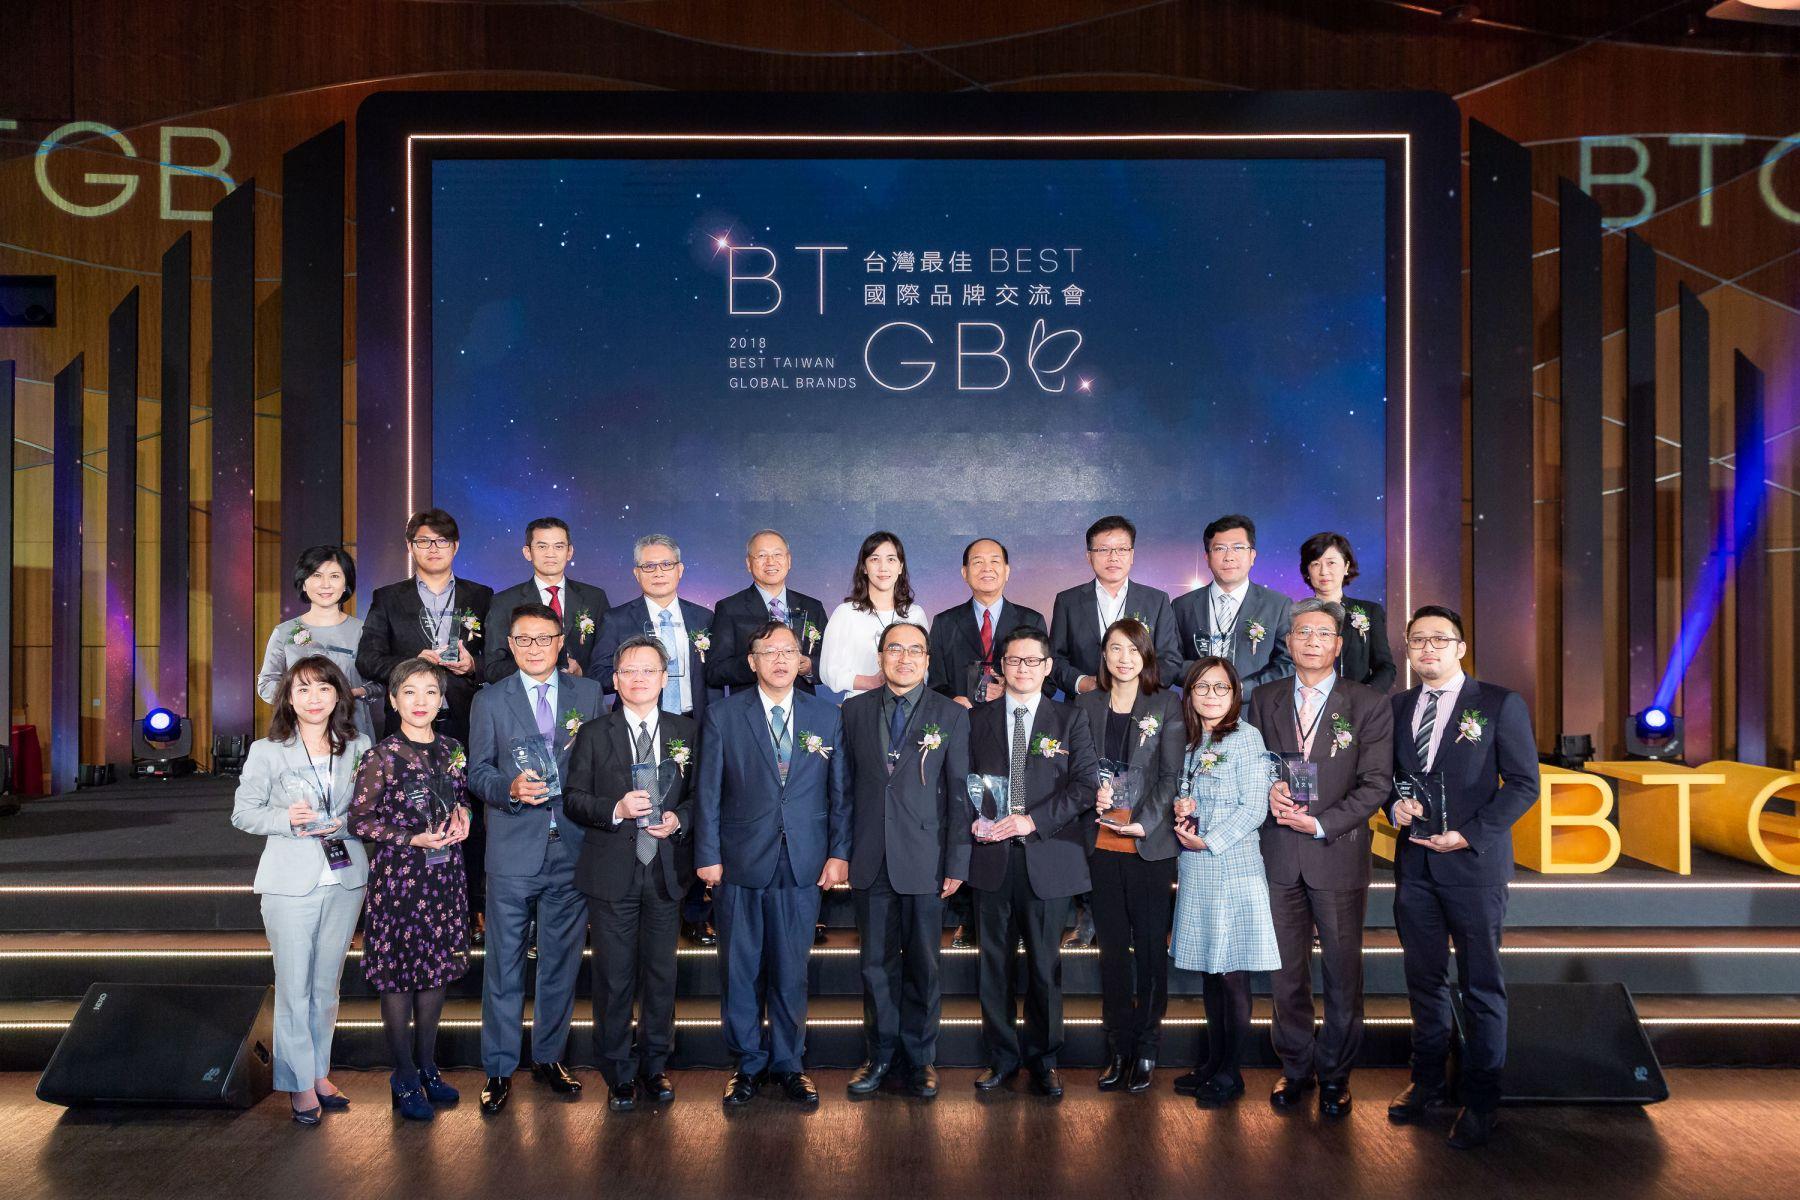 2018台灣20大品牌揭曉  華碩蟬聯冠軍6年、價值500億